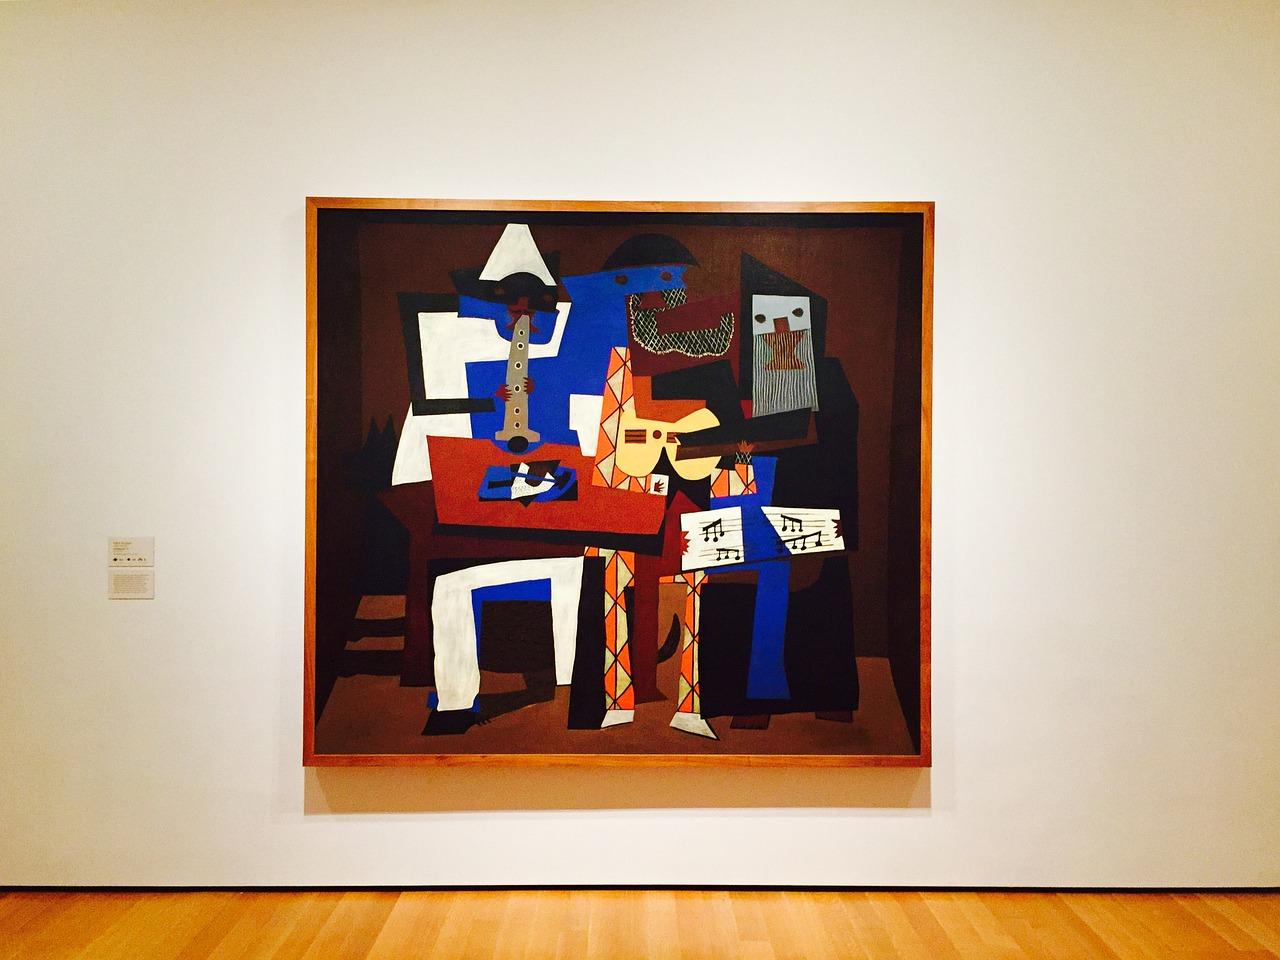 Nieuwe dubbeltentoonstelling in Rijksmuseum Twenthe en Kunstmuseum Pablo Picasso Münster